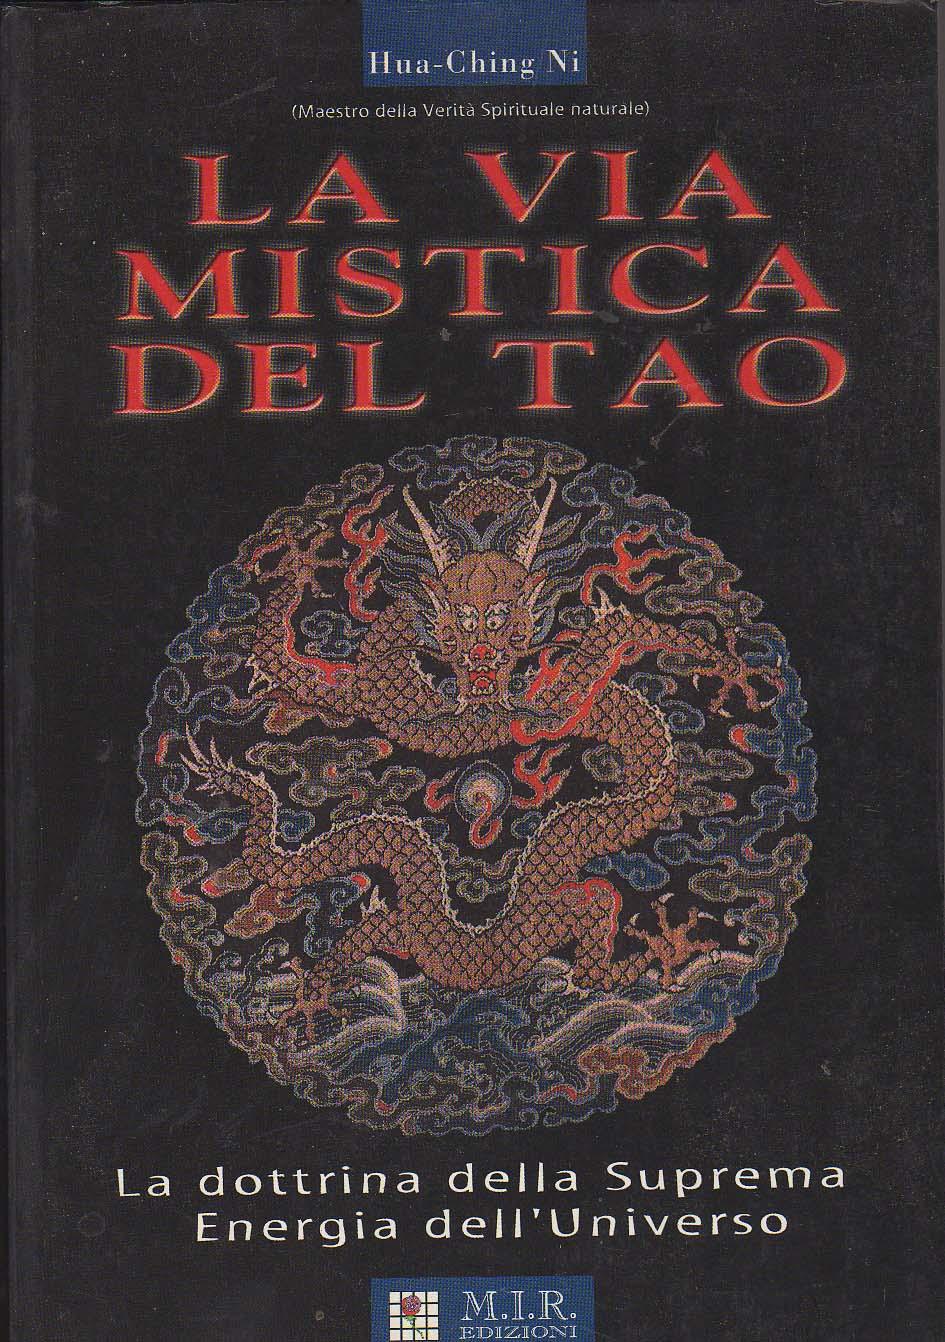 La via mistica del tao